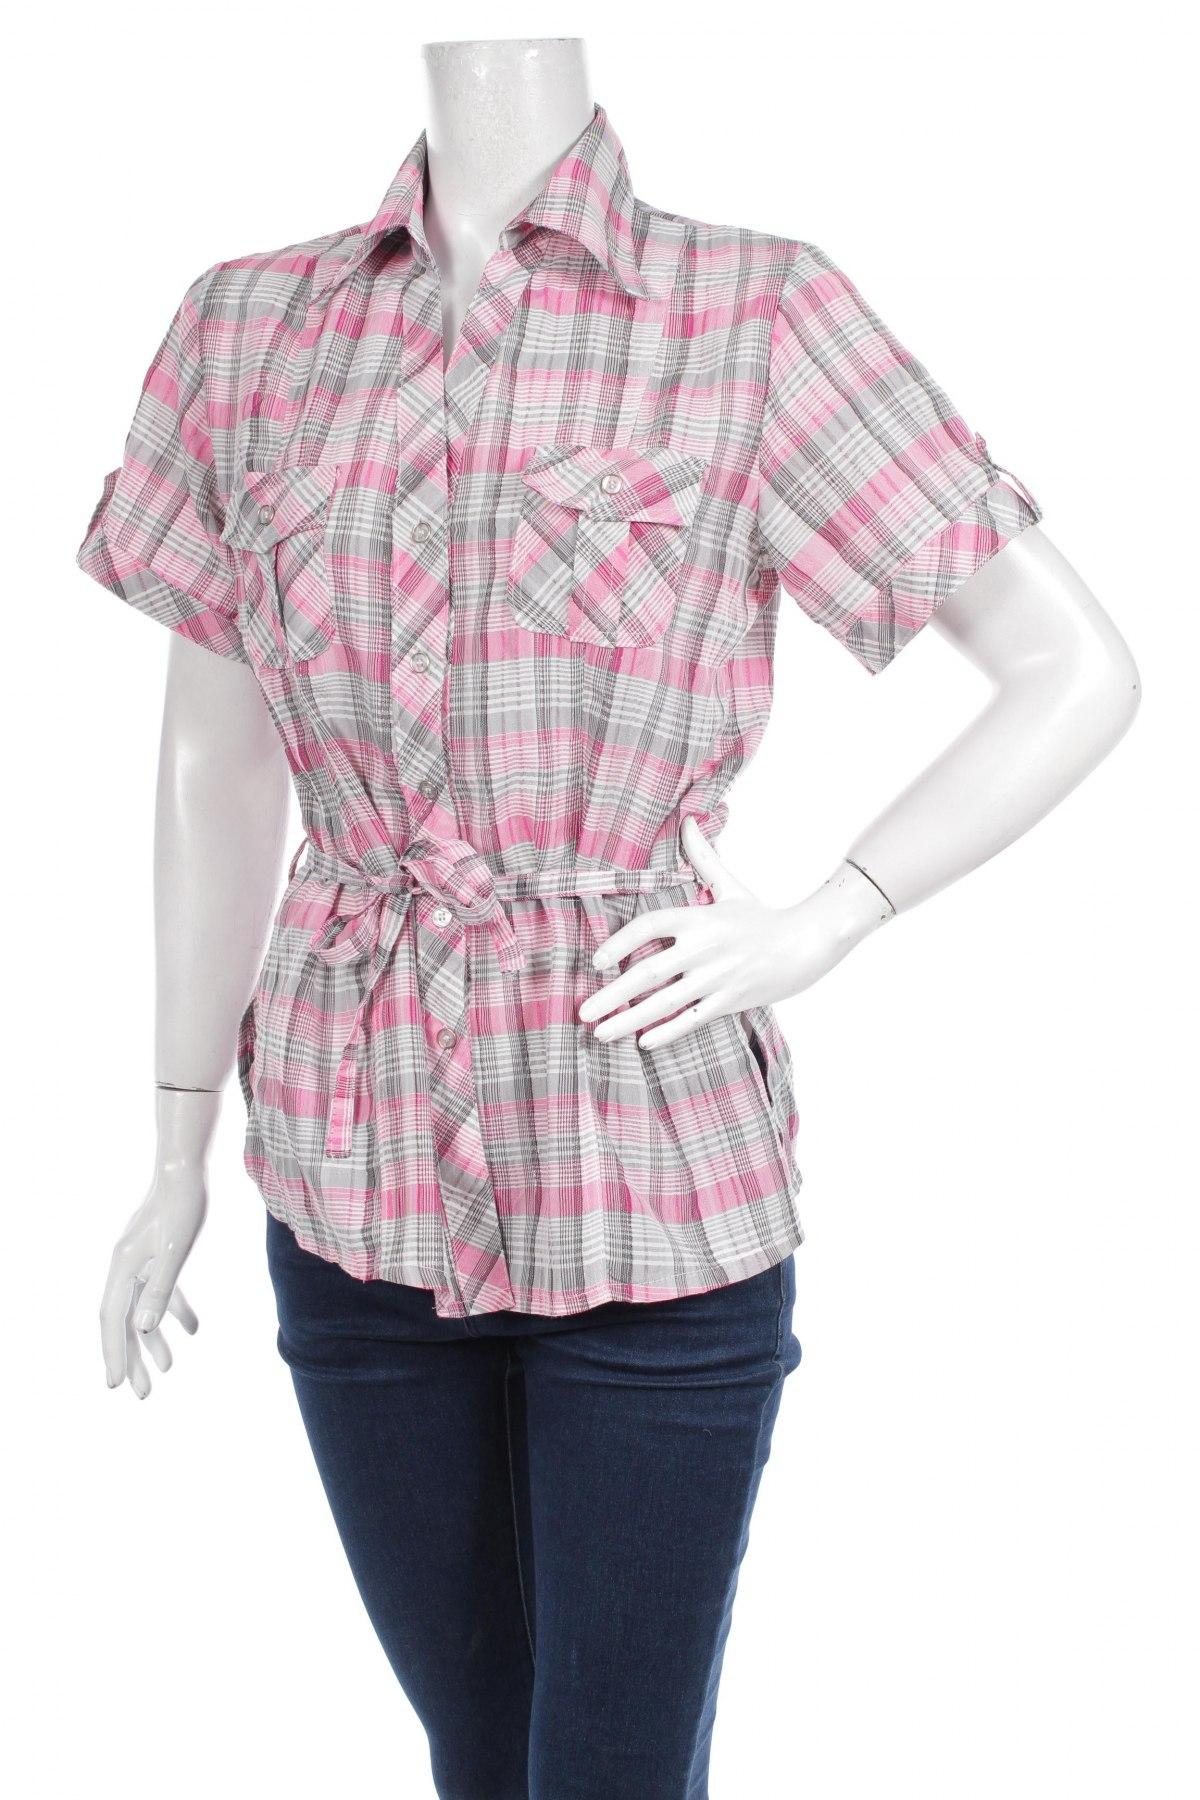 Γυναικείο πουκάμισο Ccg Perfect, Μέγεθος L, Χρώμα Γκρί, Τιμή 10,82€